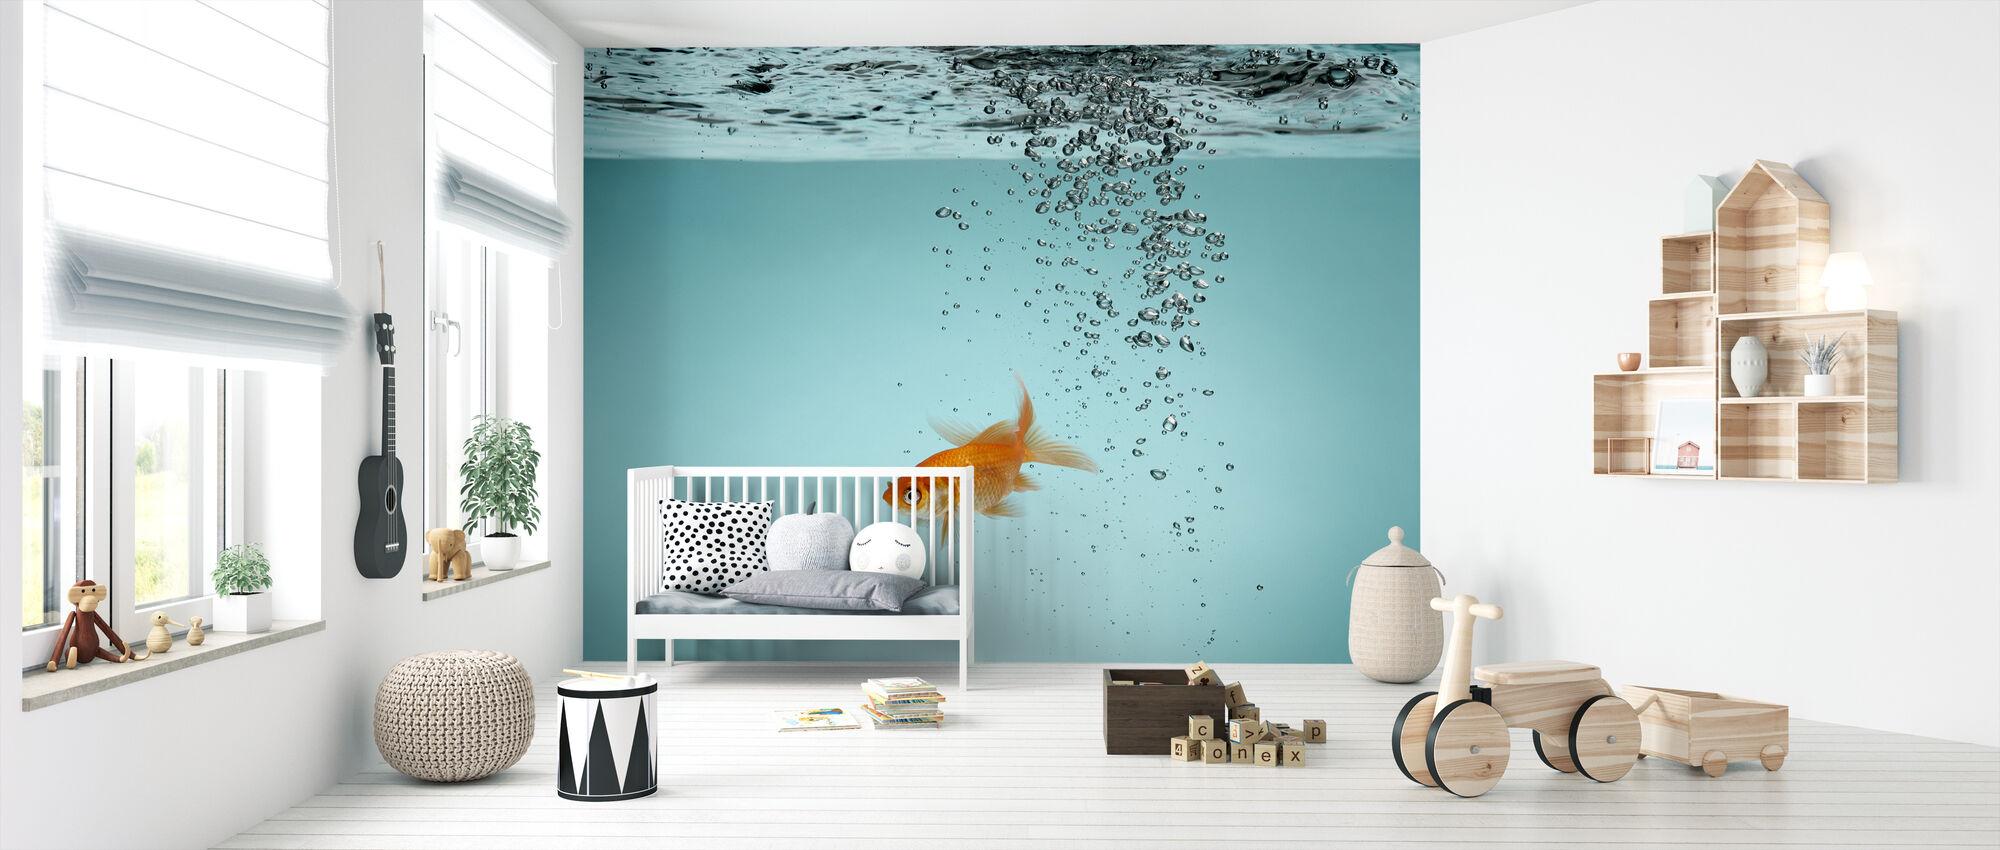 Yksinäinen Kultakala - Tapetti - Vauvan huone